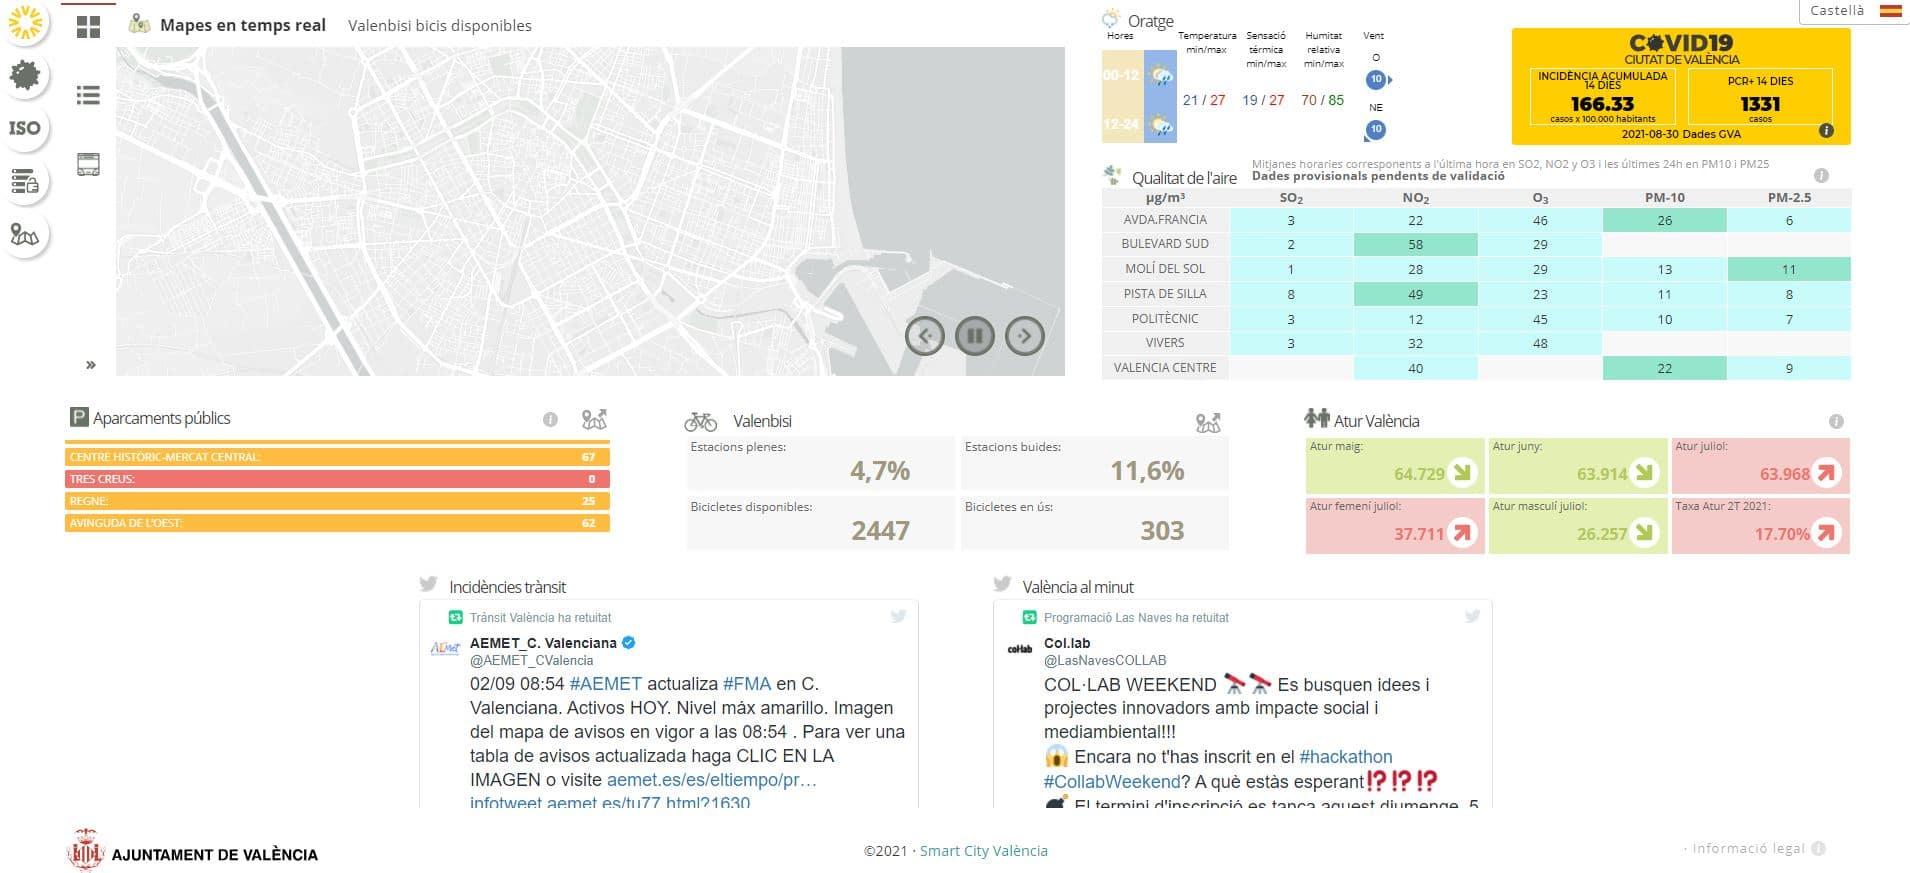 Portal de Datos abiertos del Ayuntamiento de Valencia